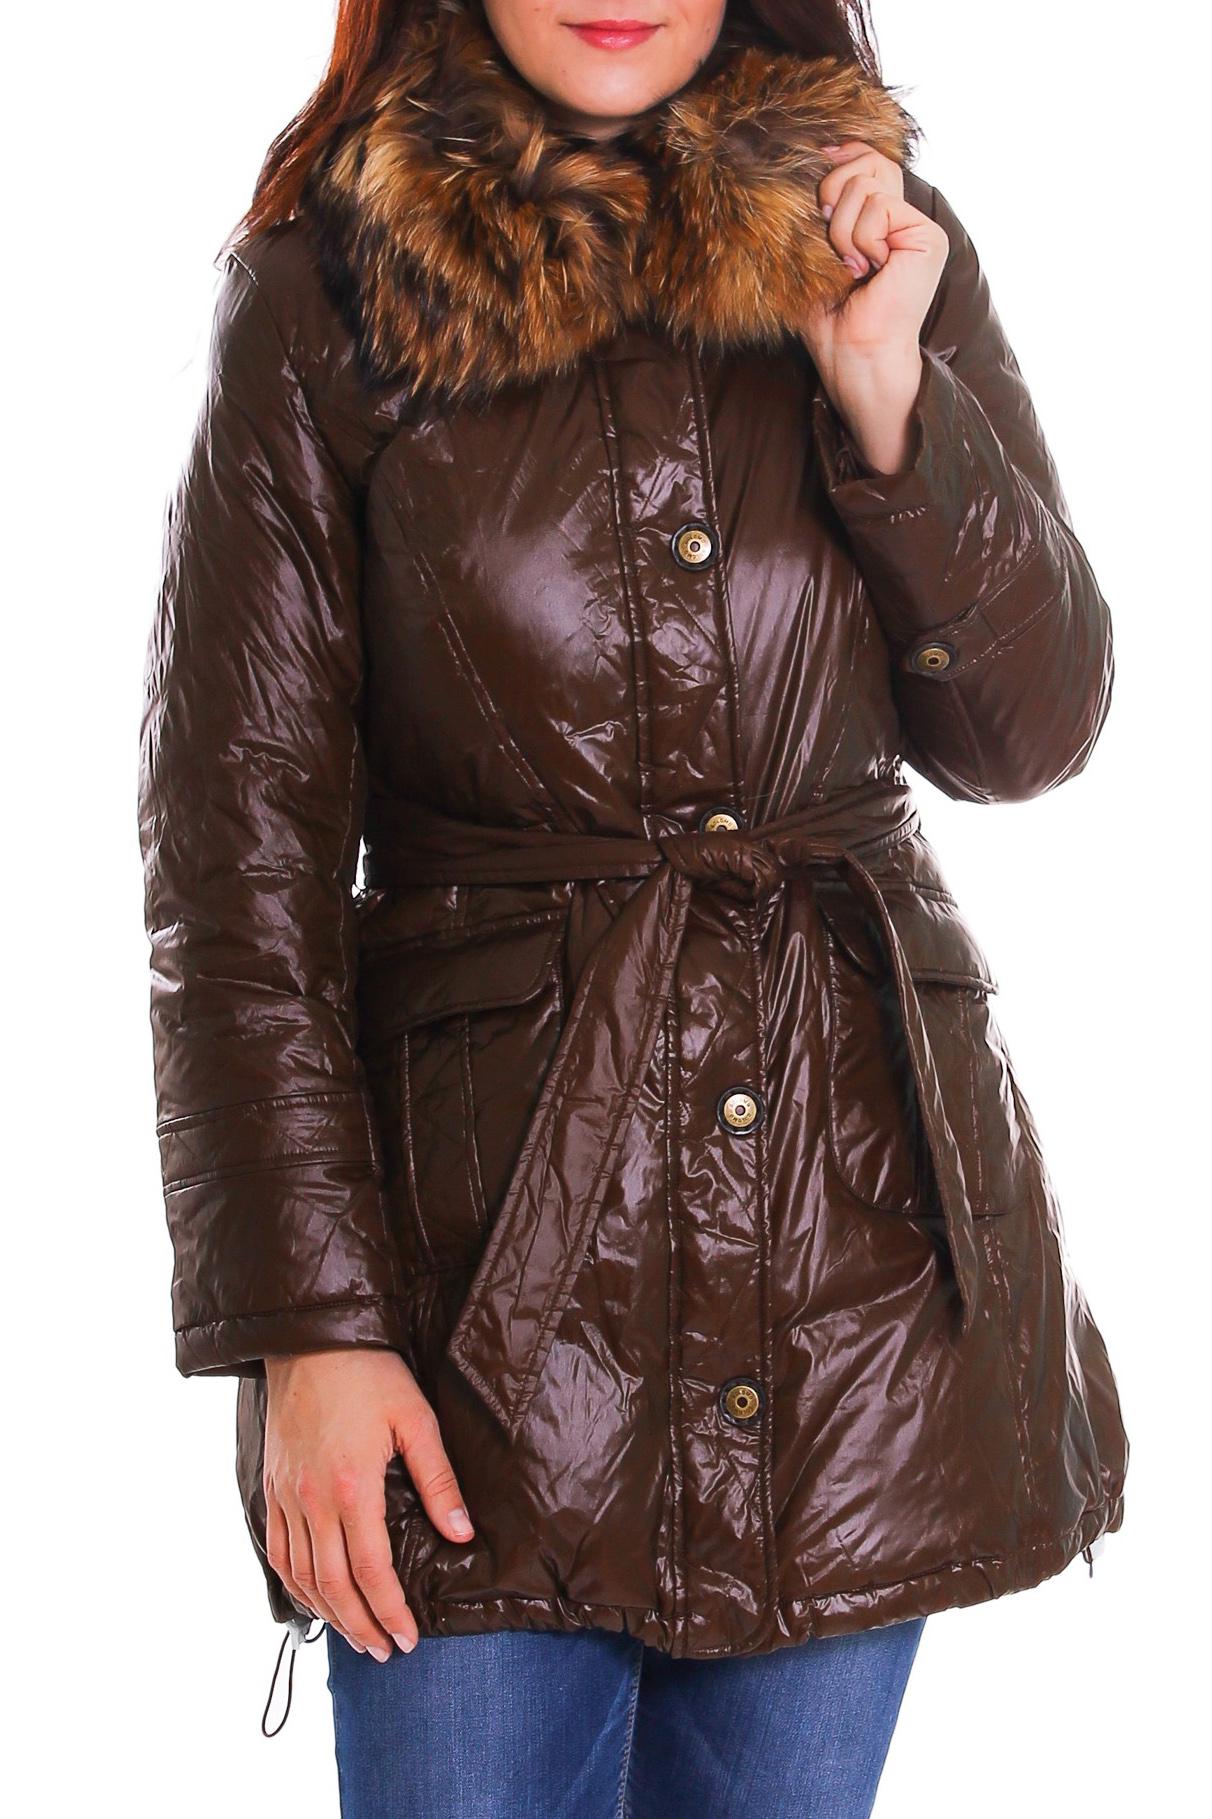 КурткаКуртки<br>Теплая зимняя куртка для прекрасных дам. Пояс в комплект не входит  Рост девушки-фотомодели 180 см.<br><br>Воротник: Стойка<br>По материалу: Плащевая ткань,Тканевые<br>По рисунку: Однотонные<br>По сезону: Зима<br>По форме: Куртка-парка<br>По элементам: С воротником,С карманами<br>Рукав: Длинный рукав<br>По длине: Средней длины<br>По стилю: Повседневный стиль<br>Застежка: С молнией<br>Размер : 48<br>Материал: Болонья<br>Количество в наличии: 1